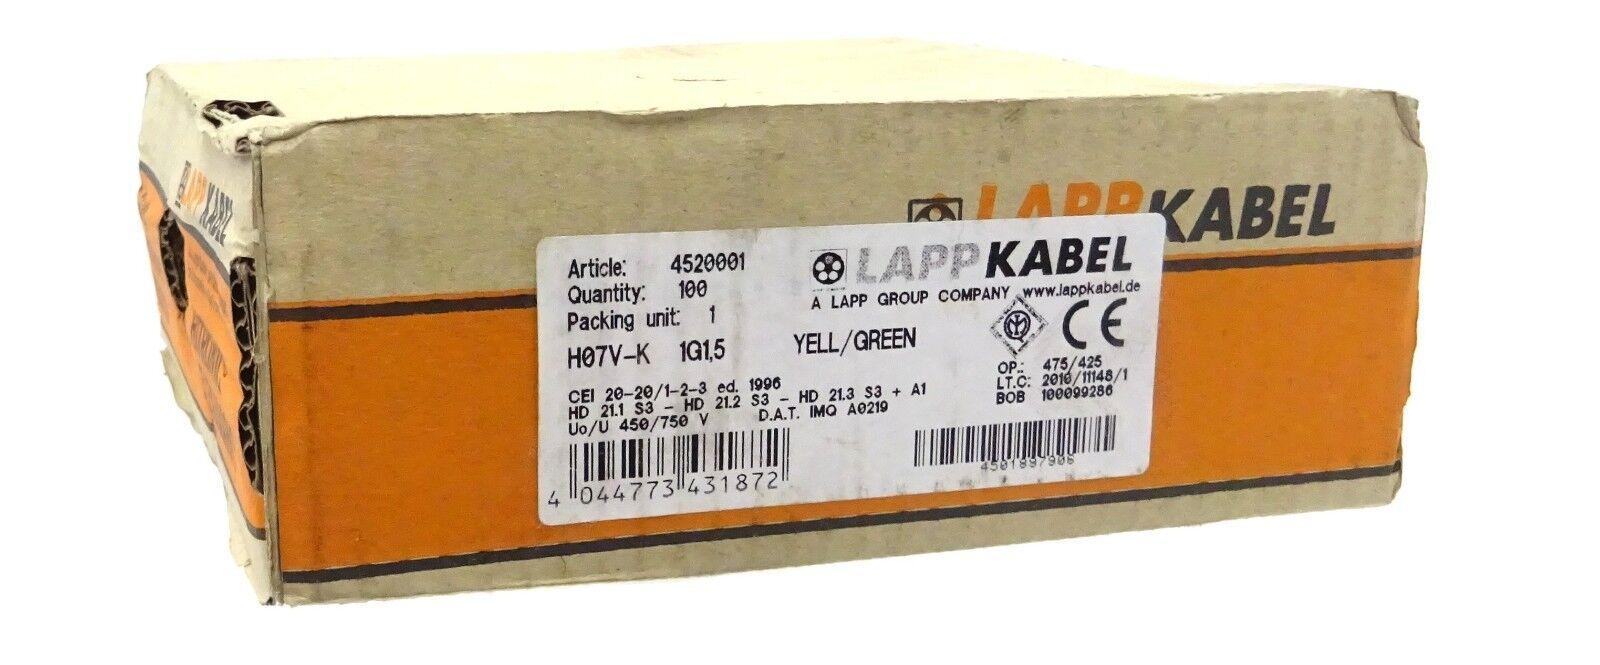 LAPP KABEL H07V-K Litze Einzelader PVC 1,5mm²  Schwarz 100m 4520011 UNUSED